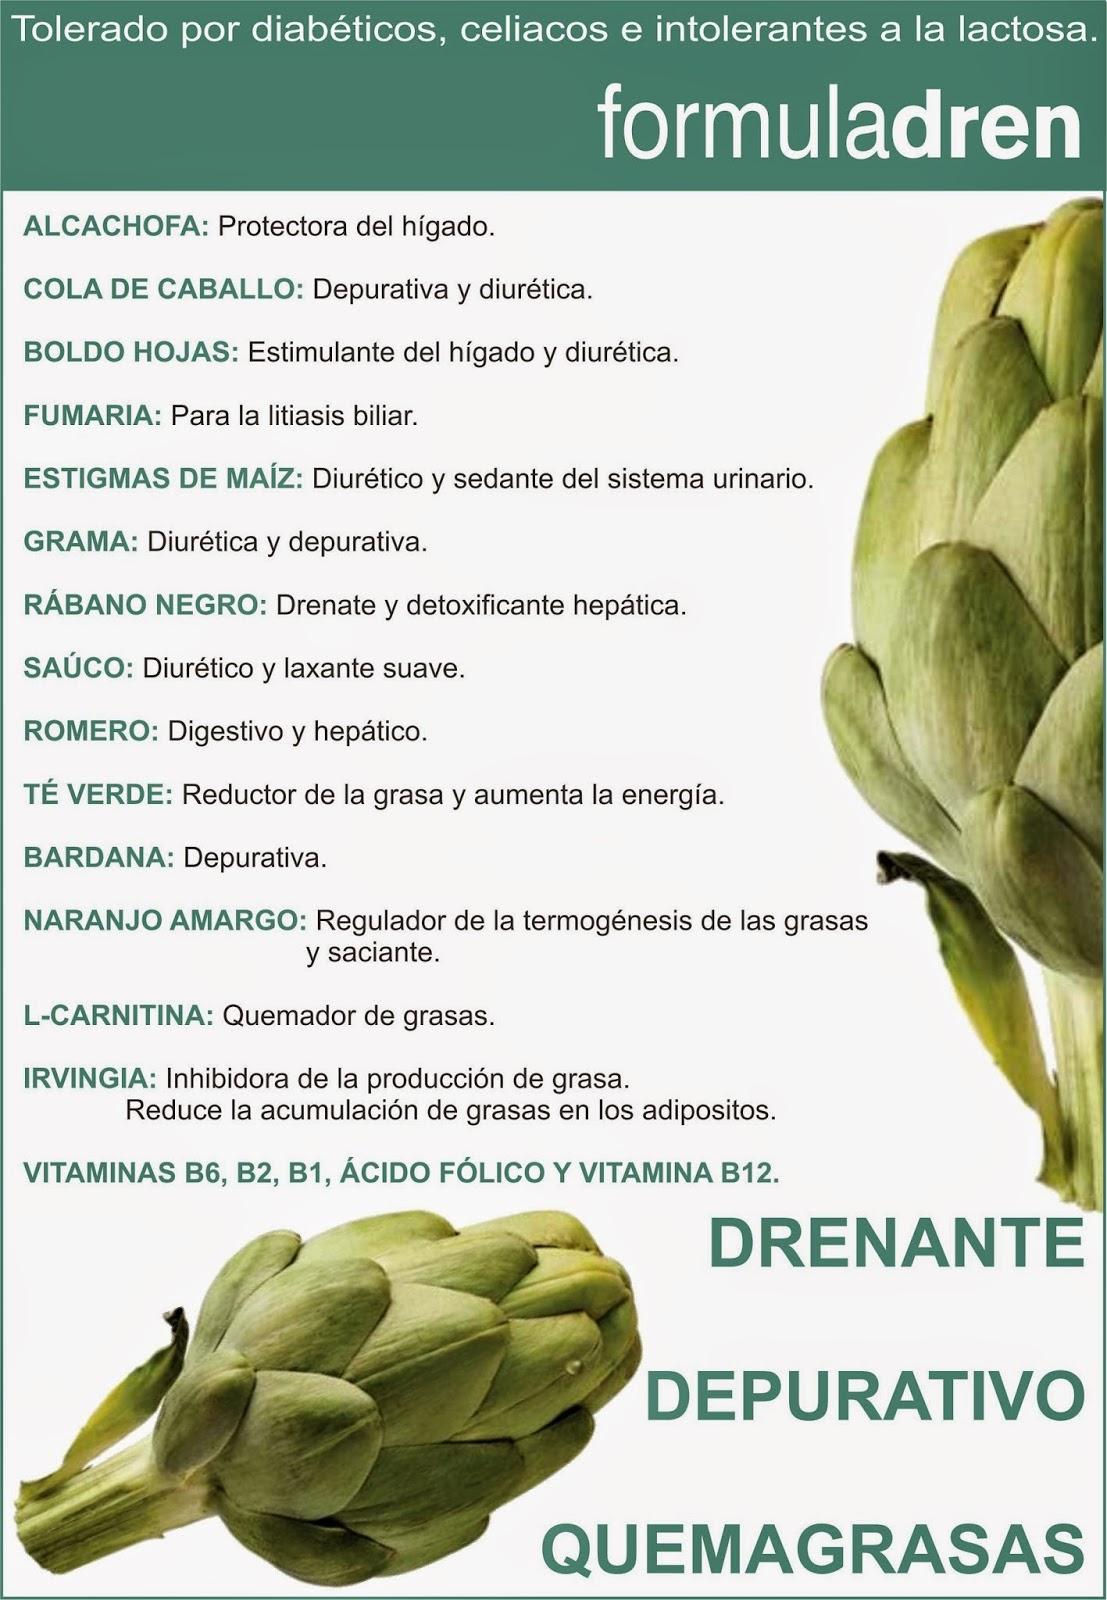 DESINTOXICA, DEPURA, DRENA y QUEMA GRASAS